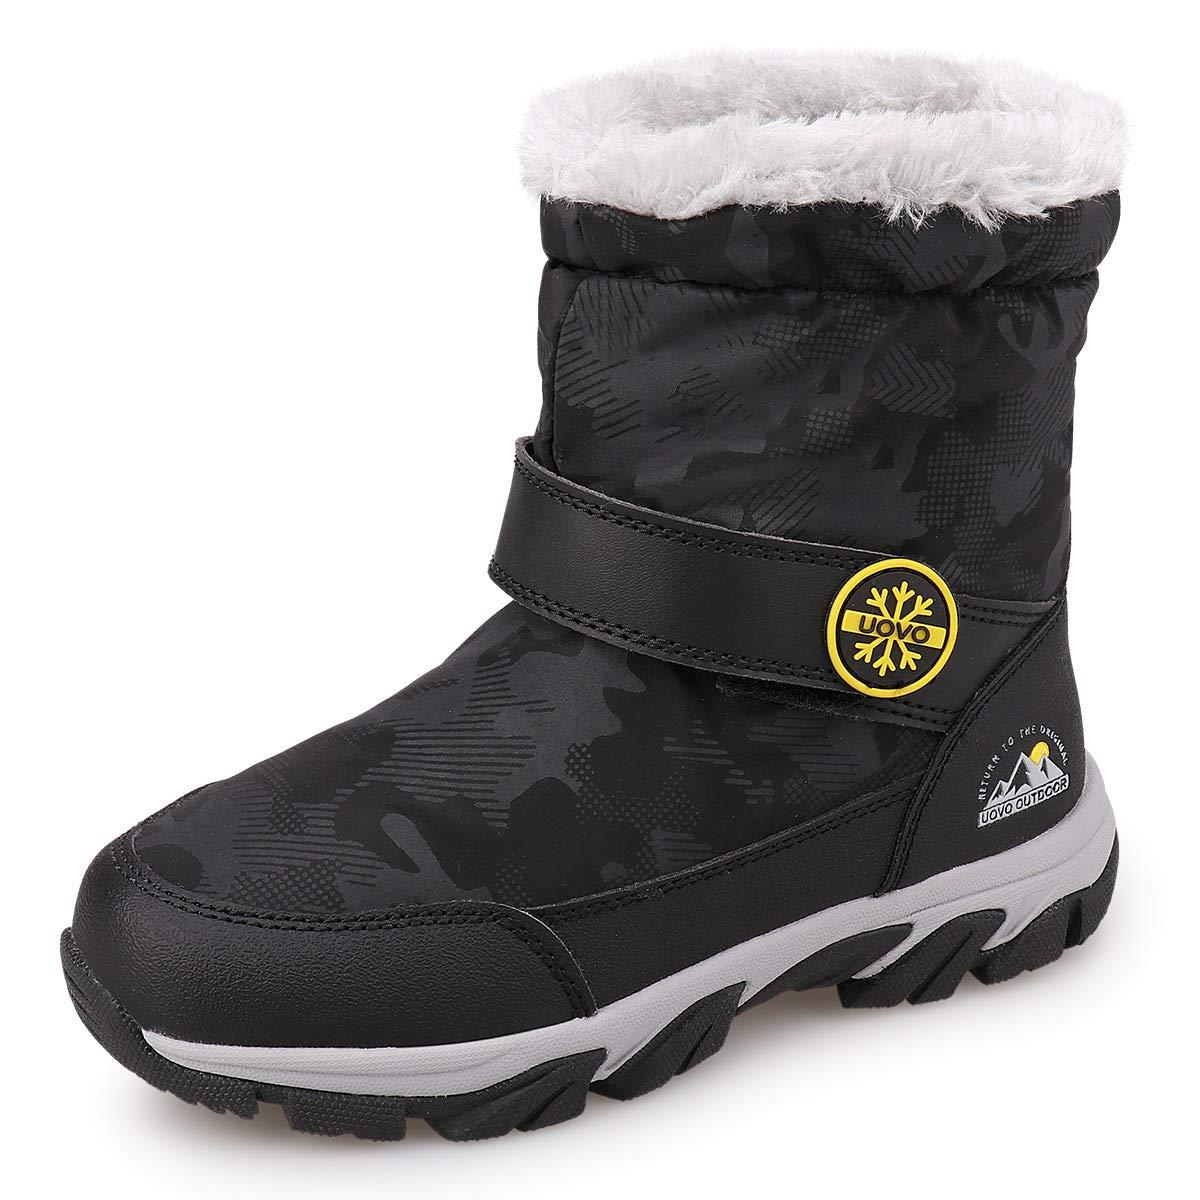 UOVO Youwo子供のブーツ女の子の綿のブーツ新しい冬プラスベルベットプラス韓国の王女の雪の靴メンズブーツクロスボーダー爆発アラスカの厚いバージョンは、購入する写真のサイズ表を参照してください